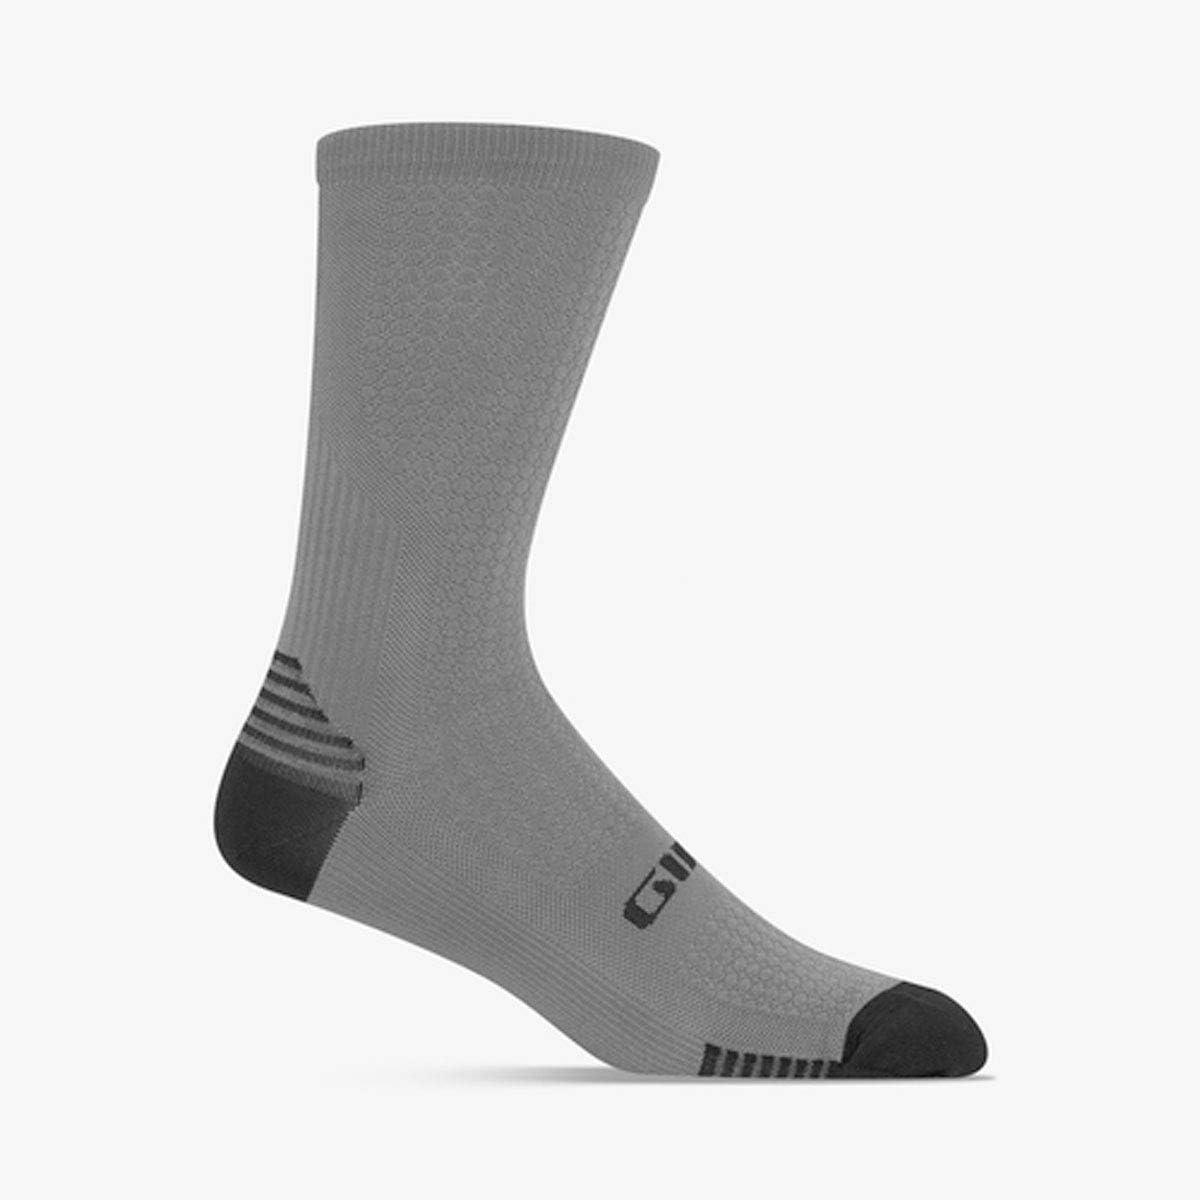 Giro HRc+ Grip Cycling Socks